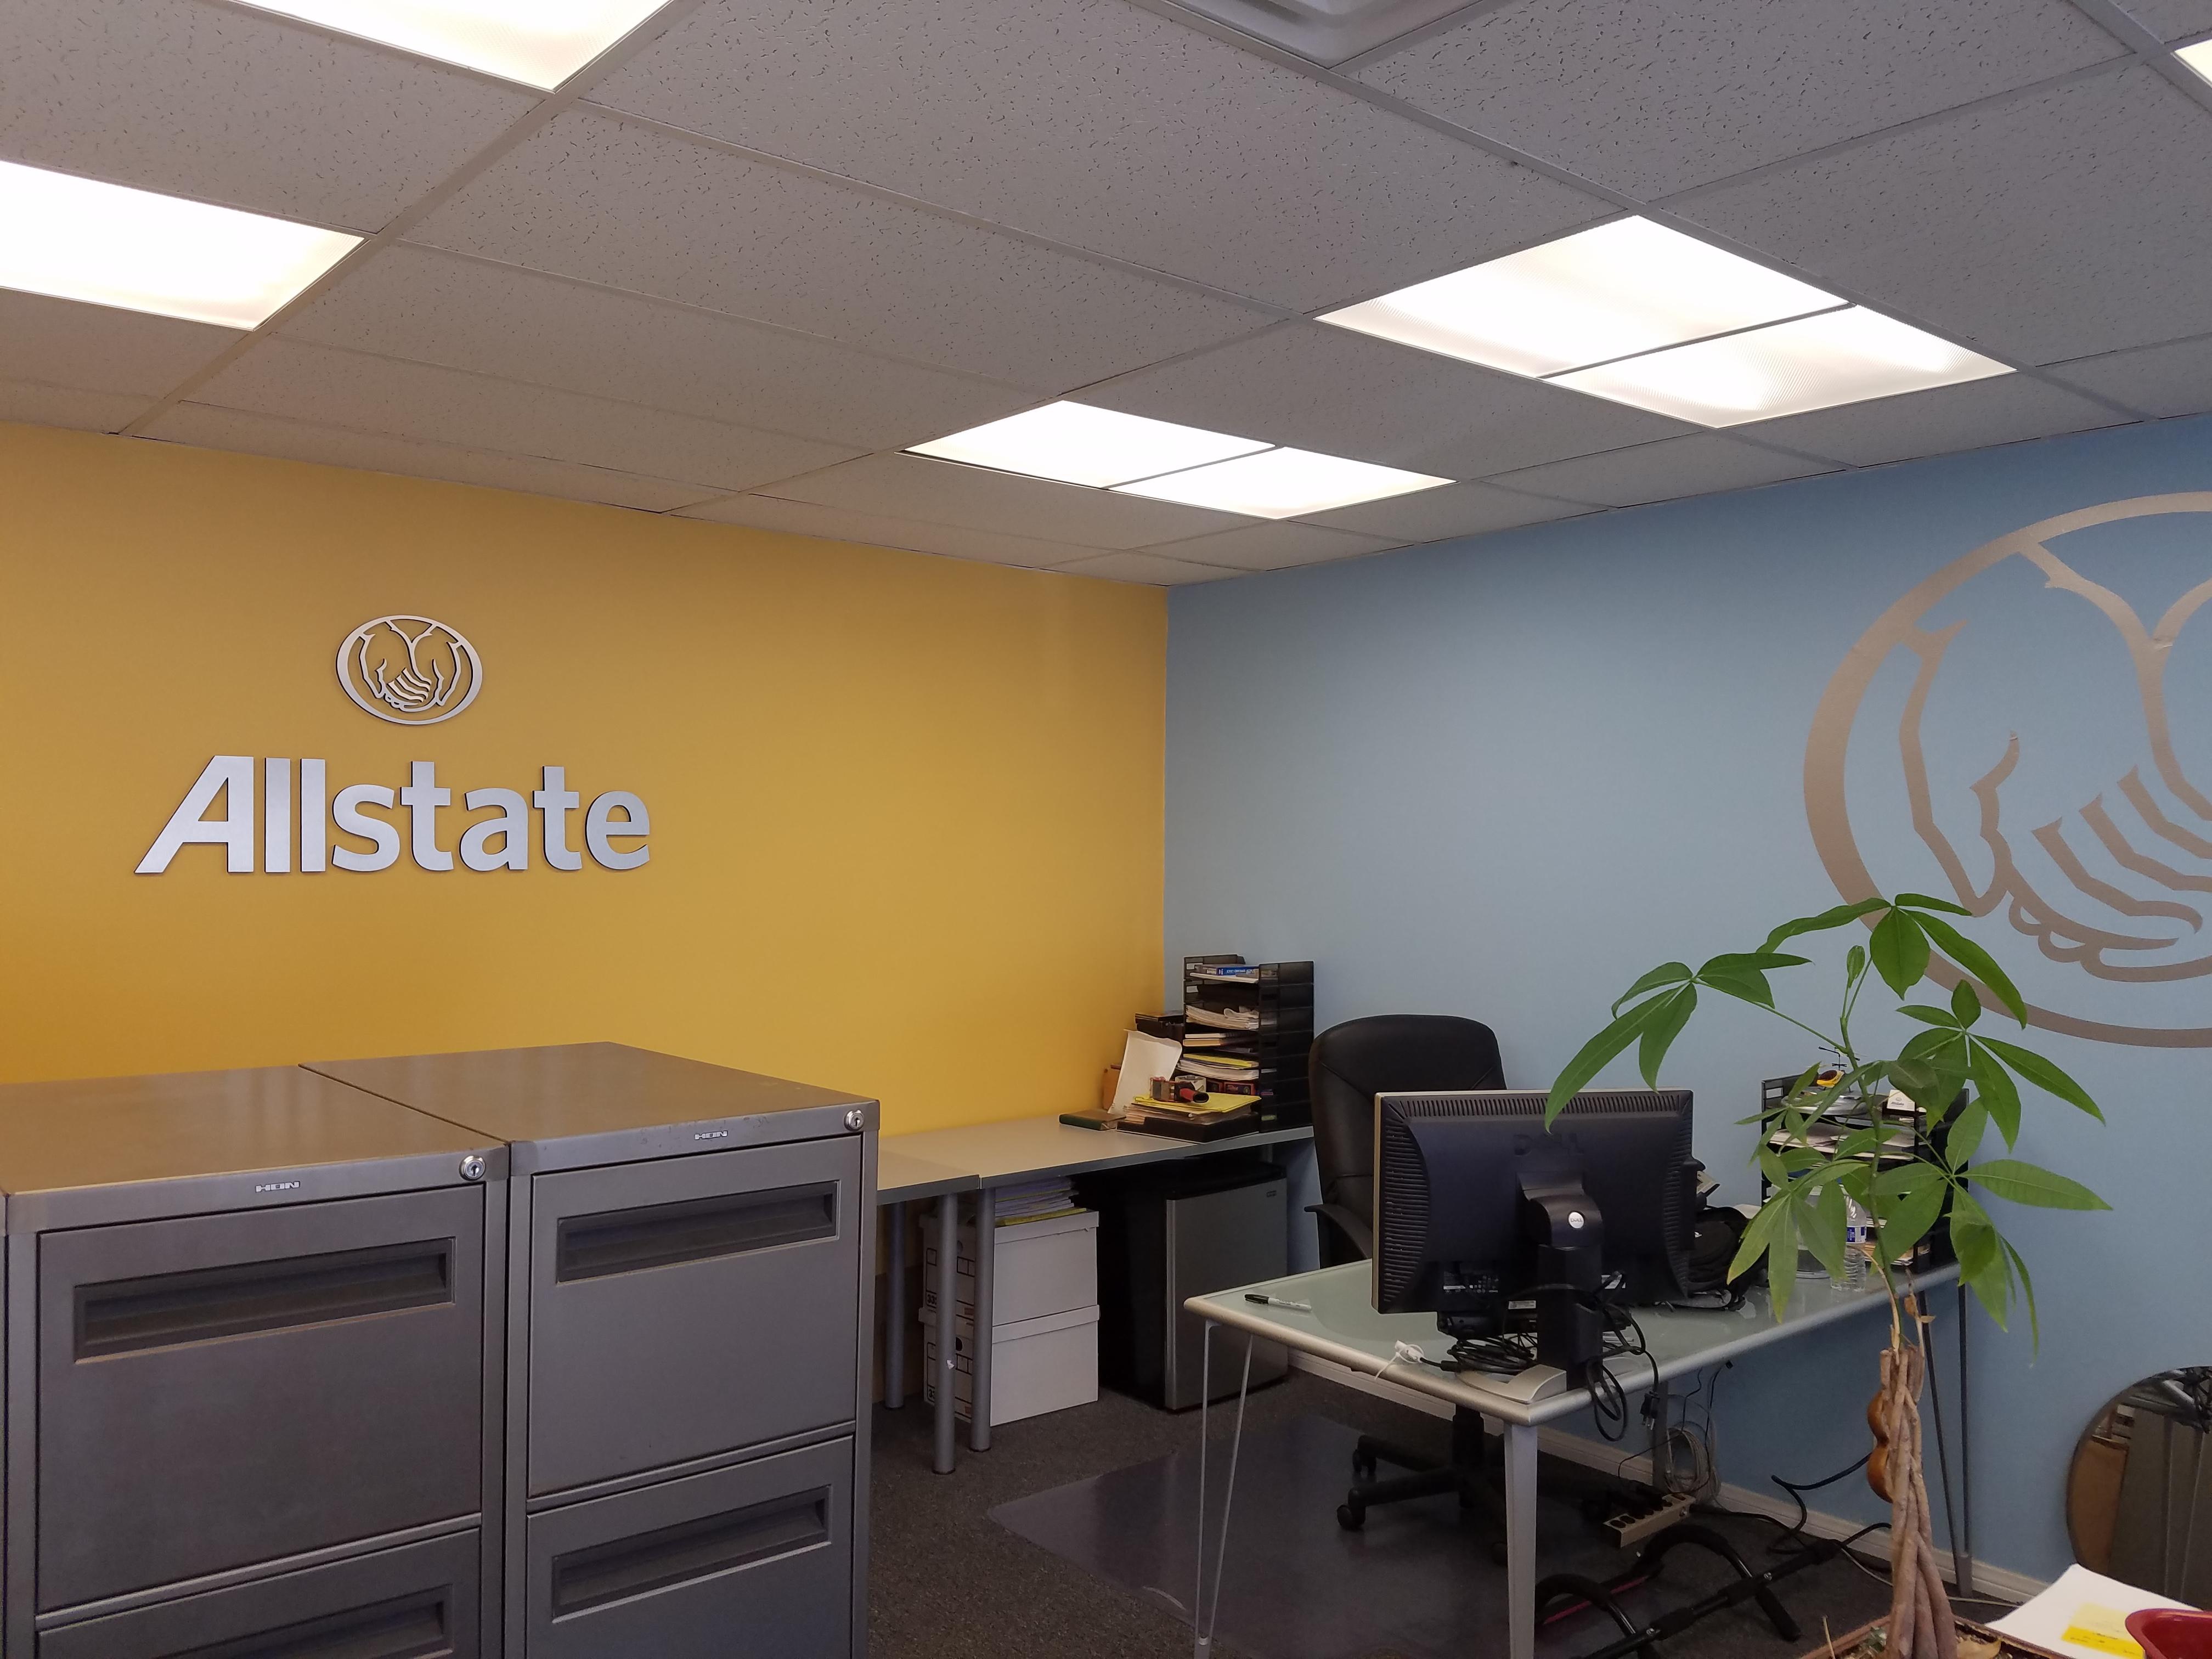 Paul Park: Allstate Insurance image 3